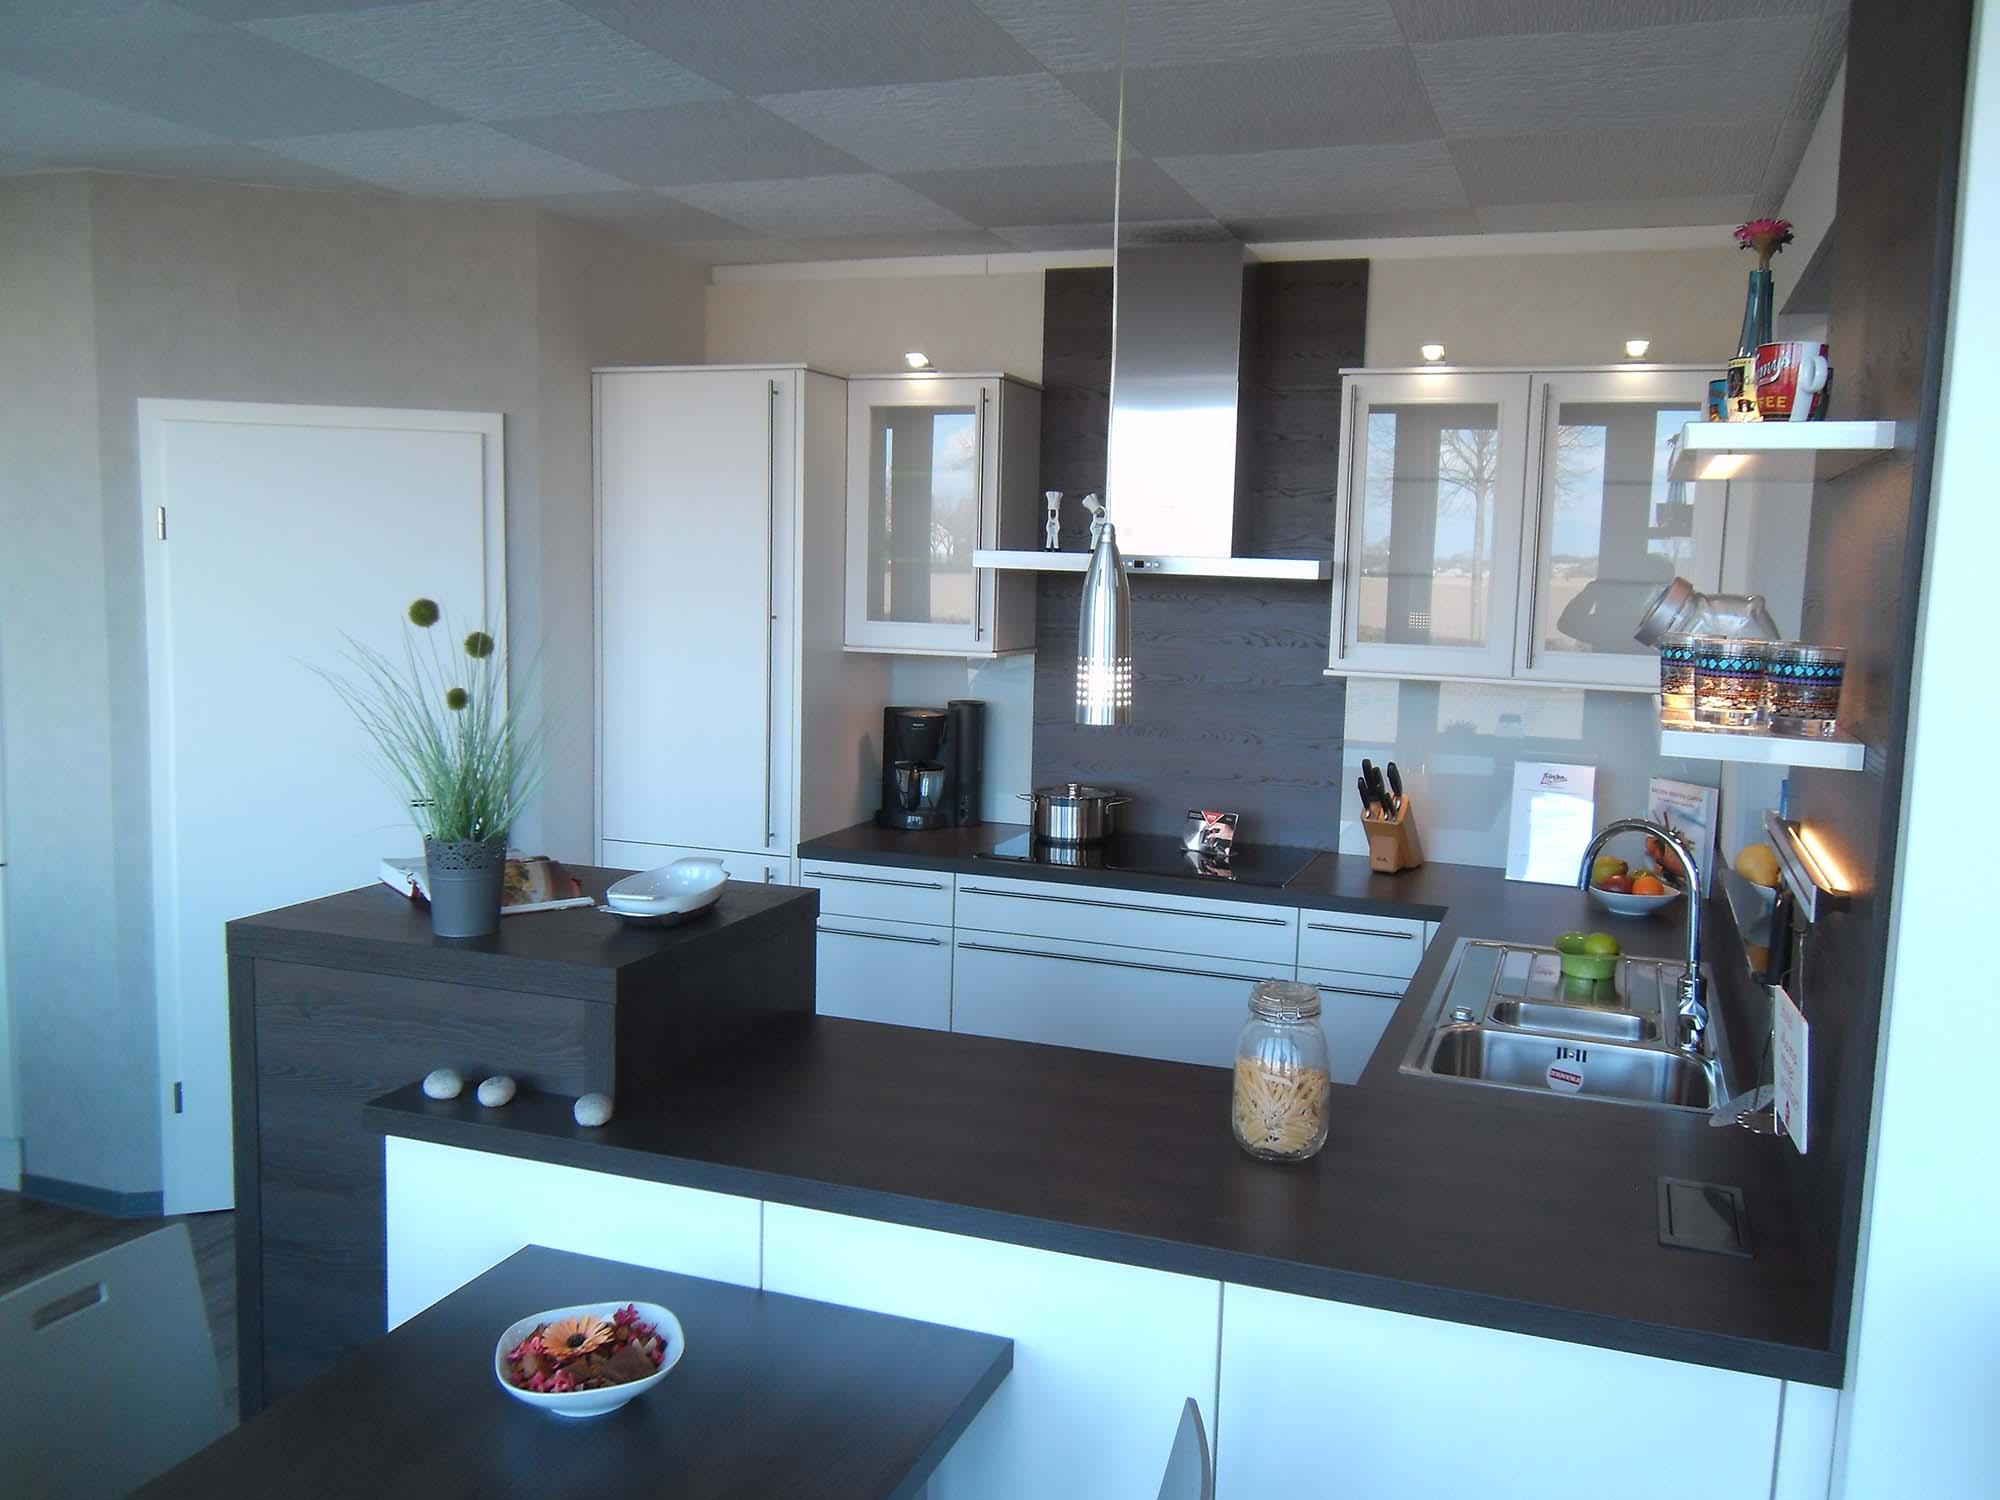 Unsere Ausstellung - Küche Life Style